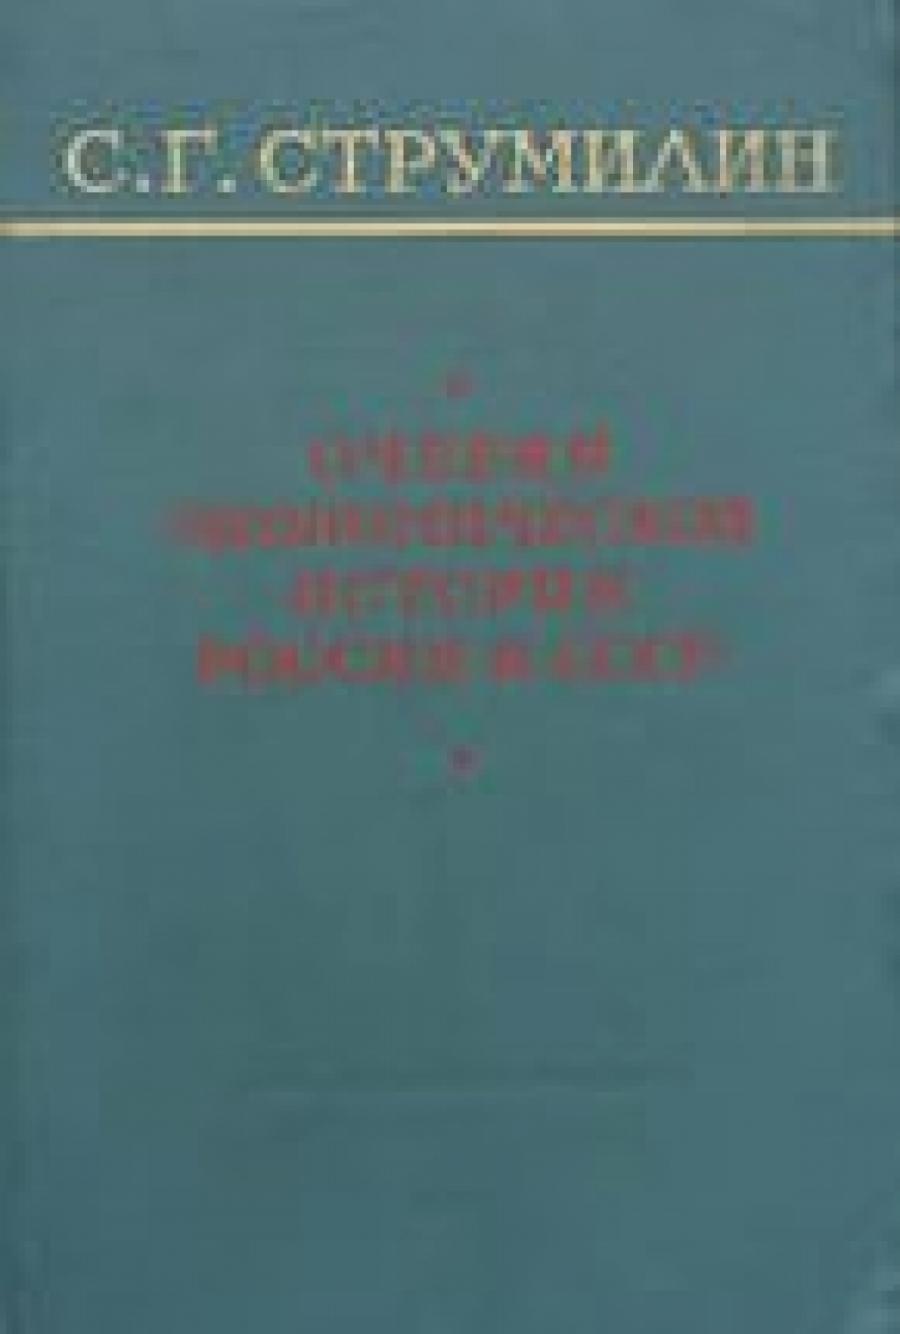 Обложка книги:  струмилин с.г. - очерки социалистической экономики ссср (1929—1959 гг.)